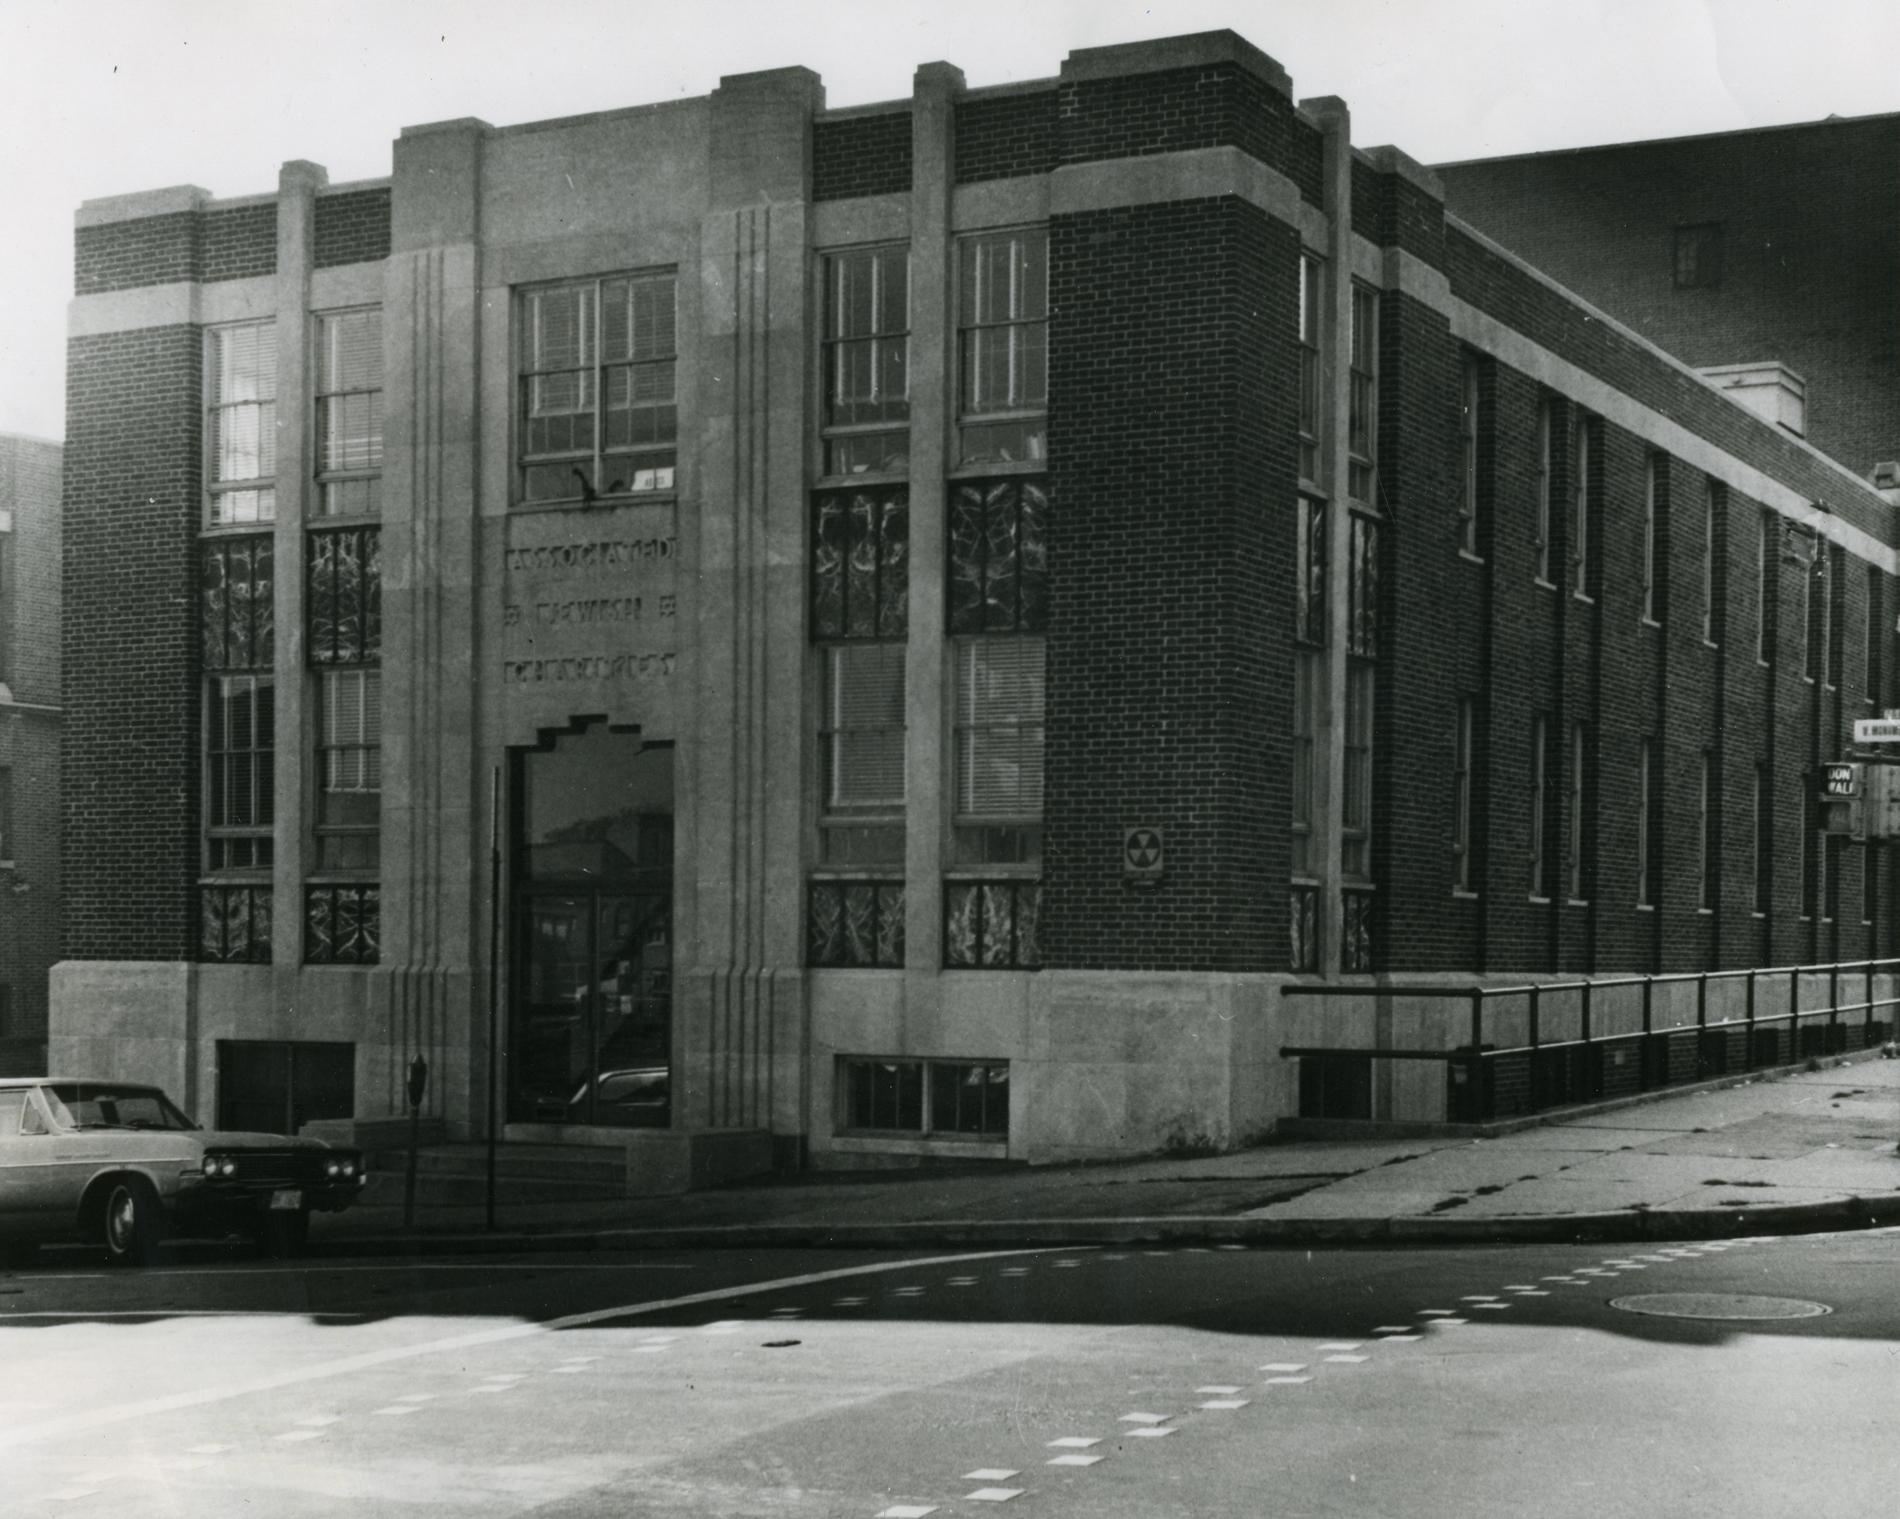 1939 image